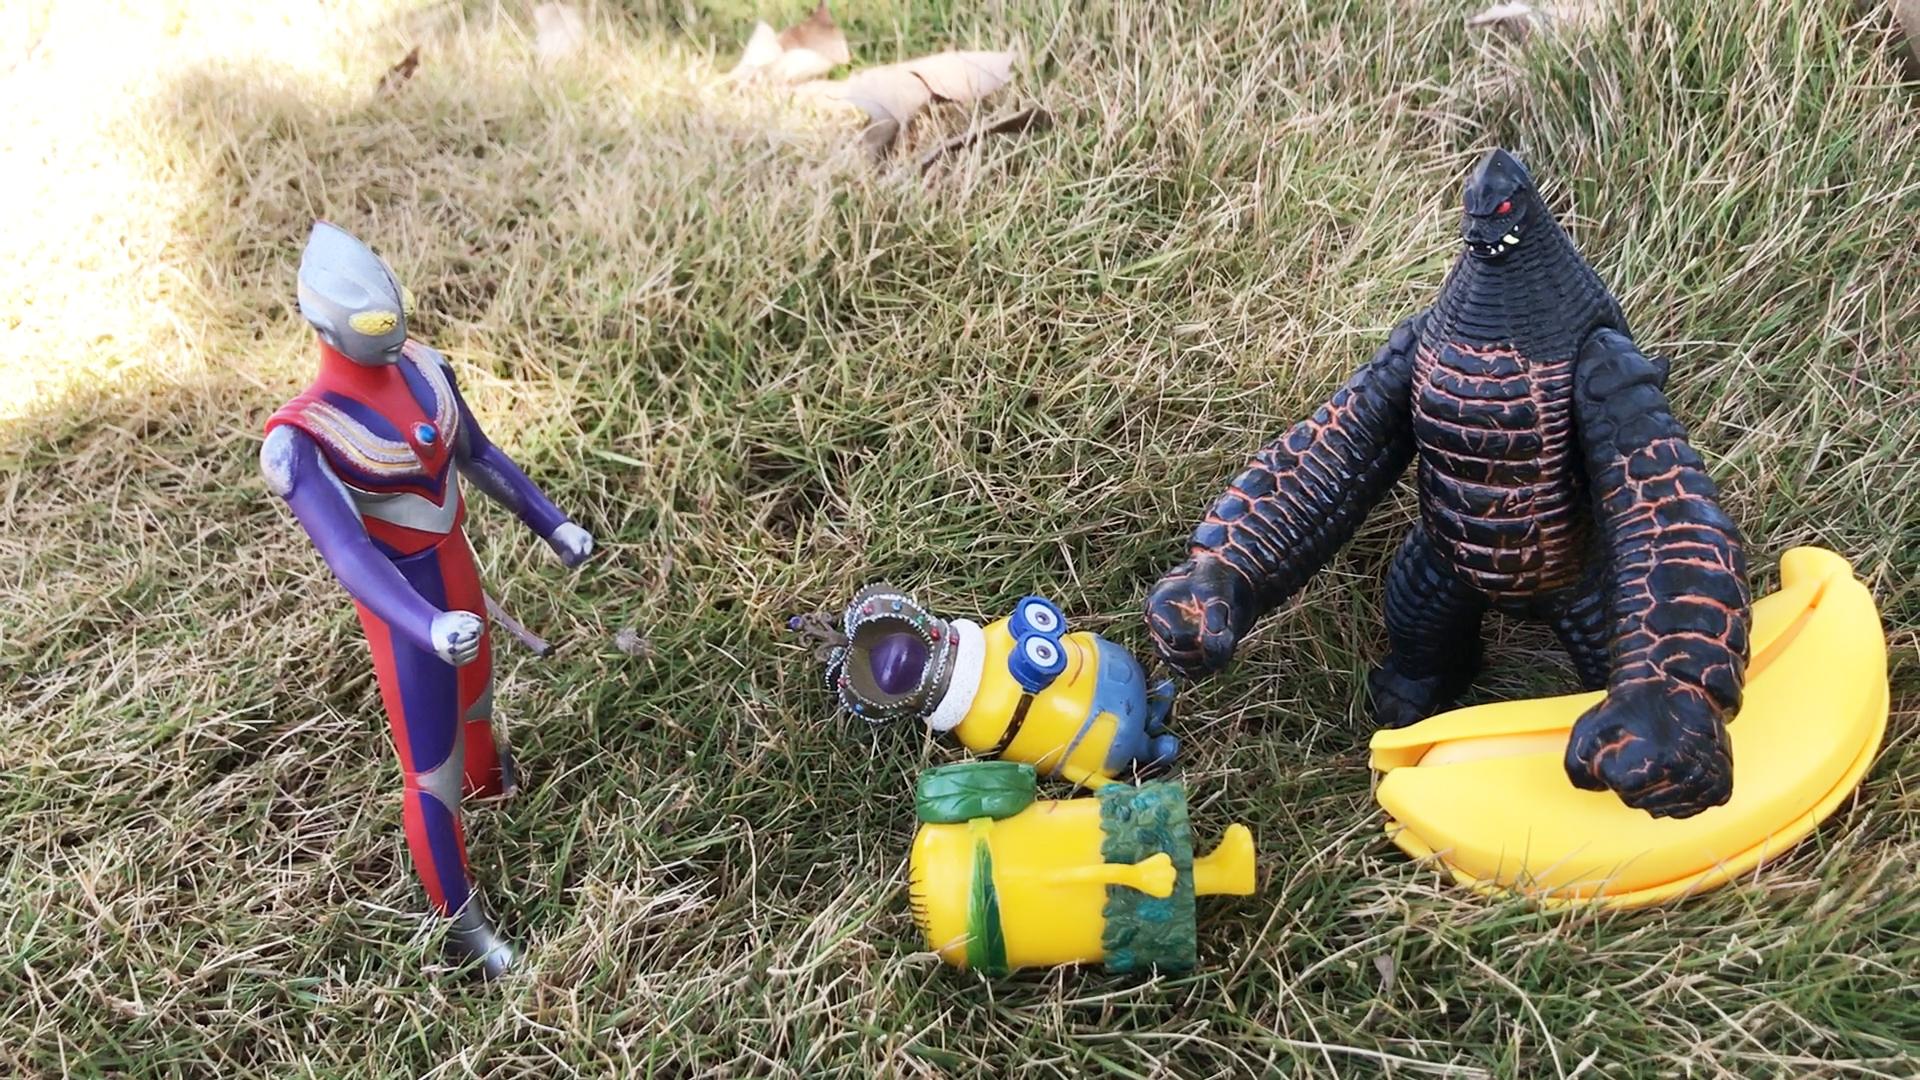 小黄人拿怪兽香蕉被发现,迪迦奥特曼批评他们不该乱拿别人的东西